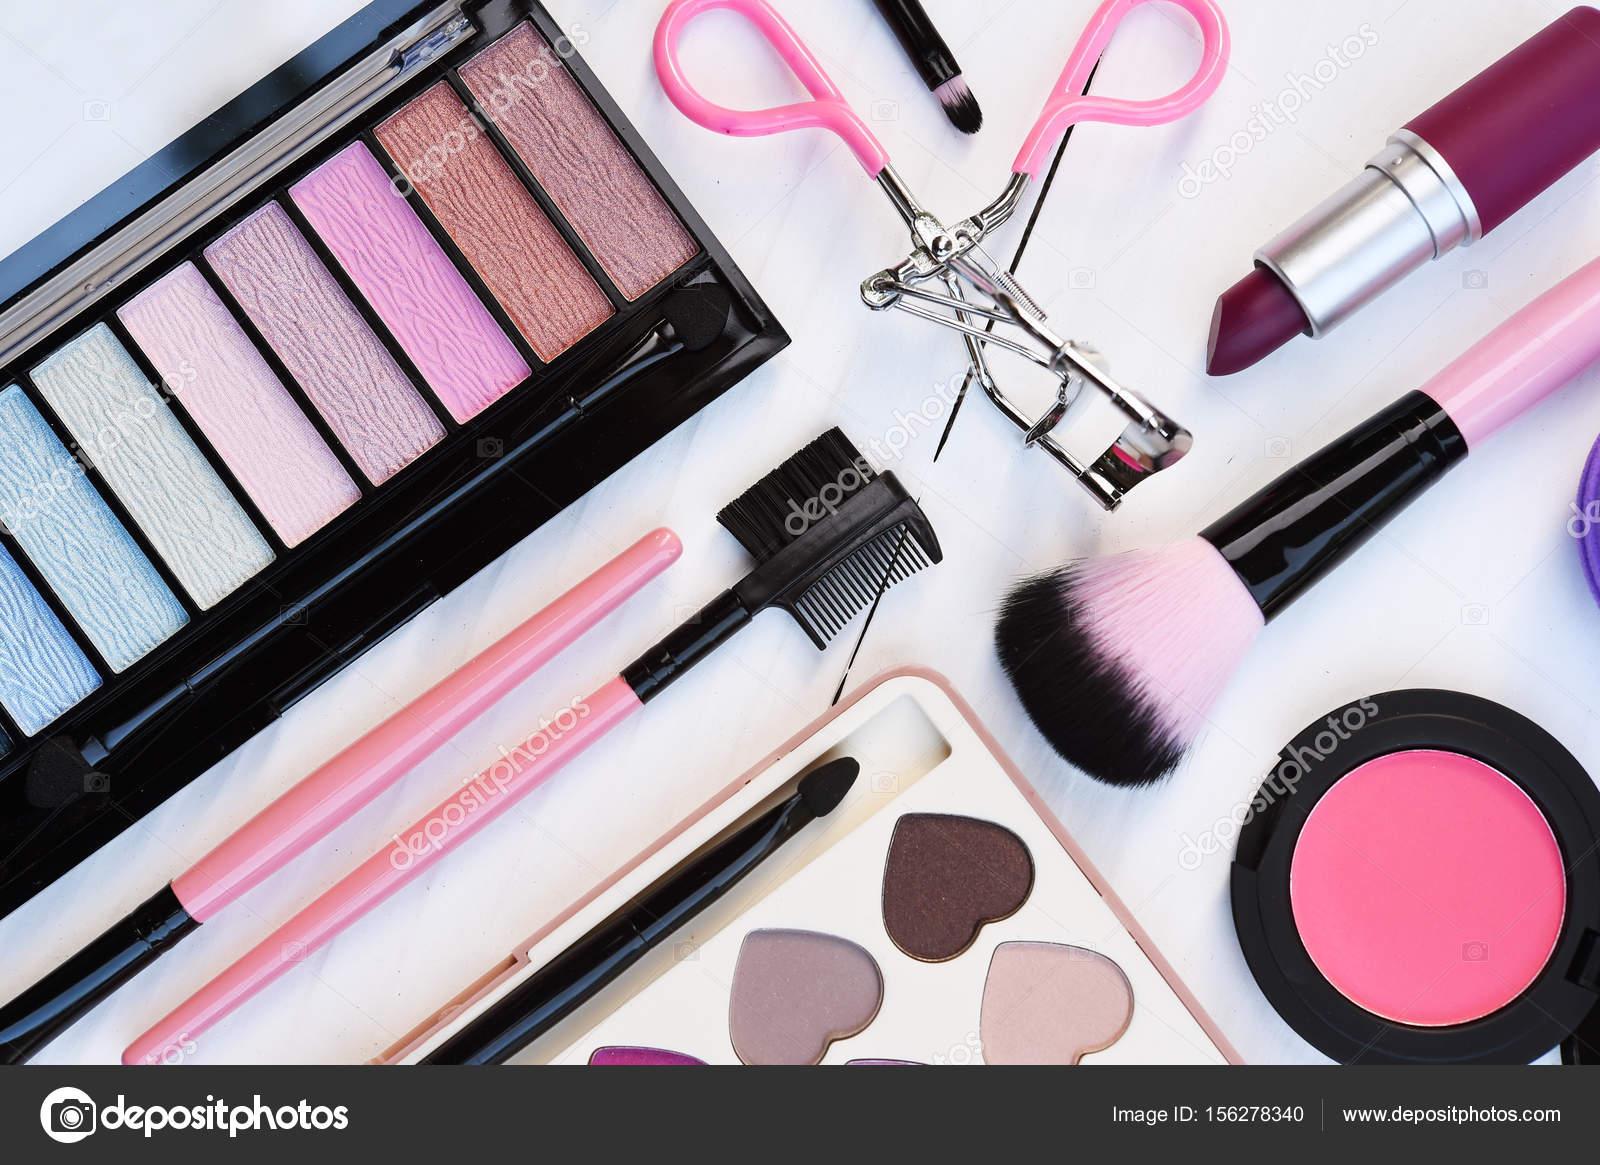 Imagenes De Maquillaje Para Descargar: Maquillaje Y Productos De Belleza Cosméticos Arreglado